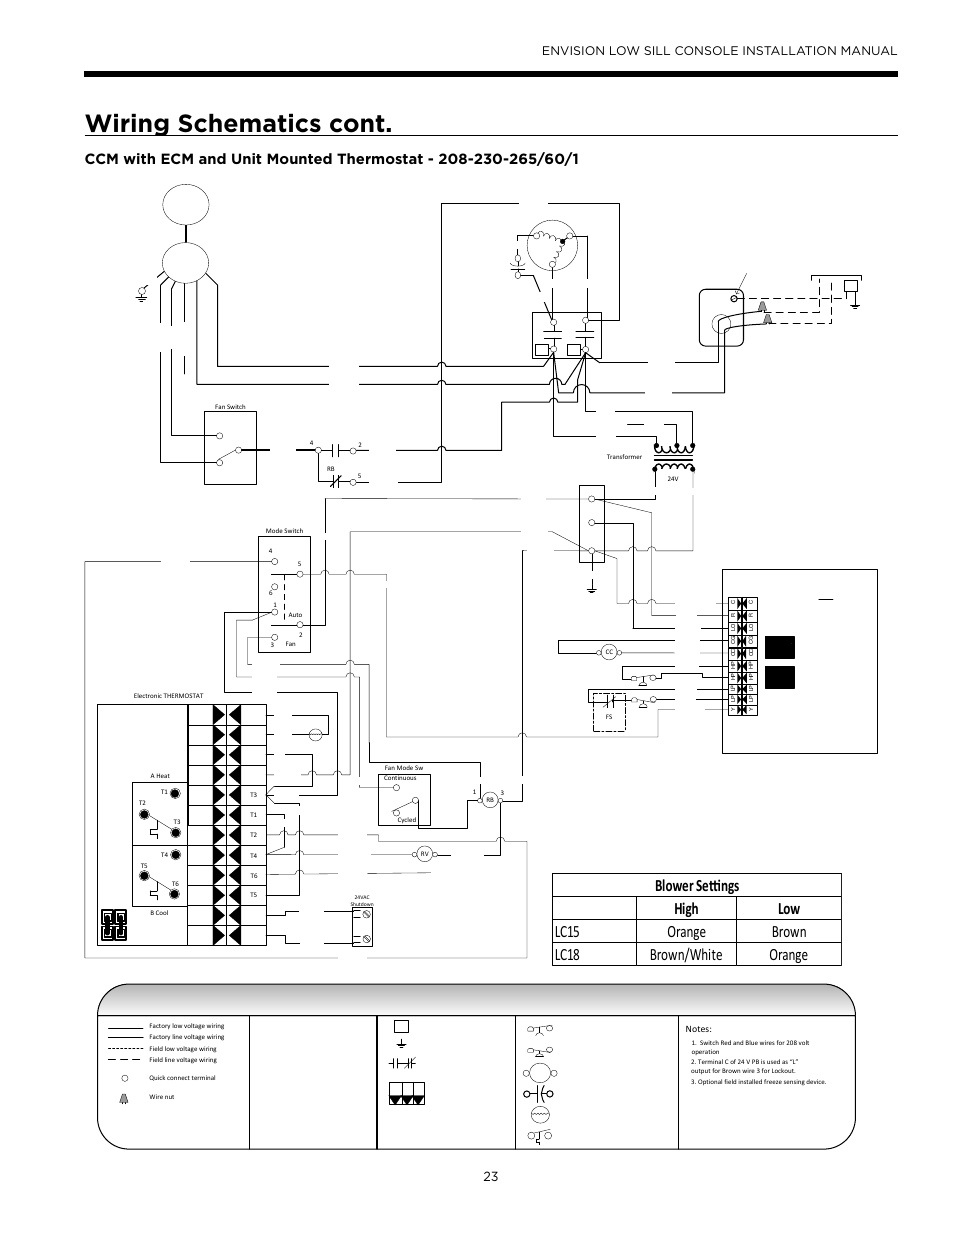 Gas furnace wiring likewise us6606871 in addition justanswer hvac 6vk4ubryant350mavjustreplacedinducerfanfurnace likewise 4oyn3 degree basic electricity